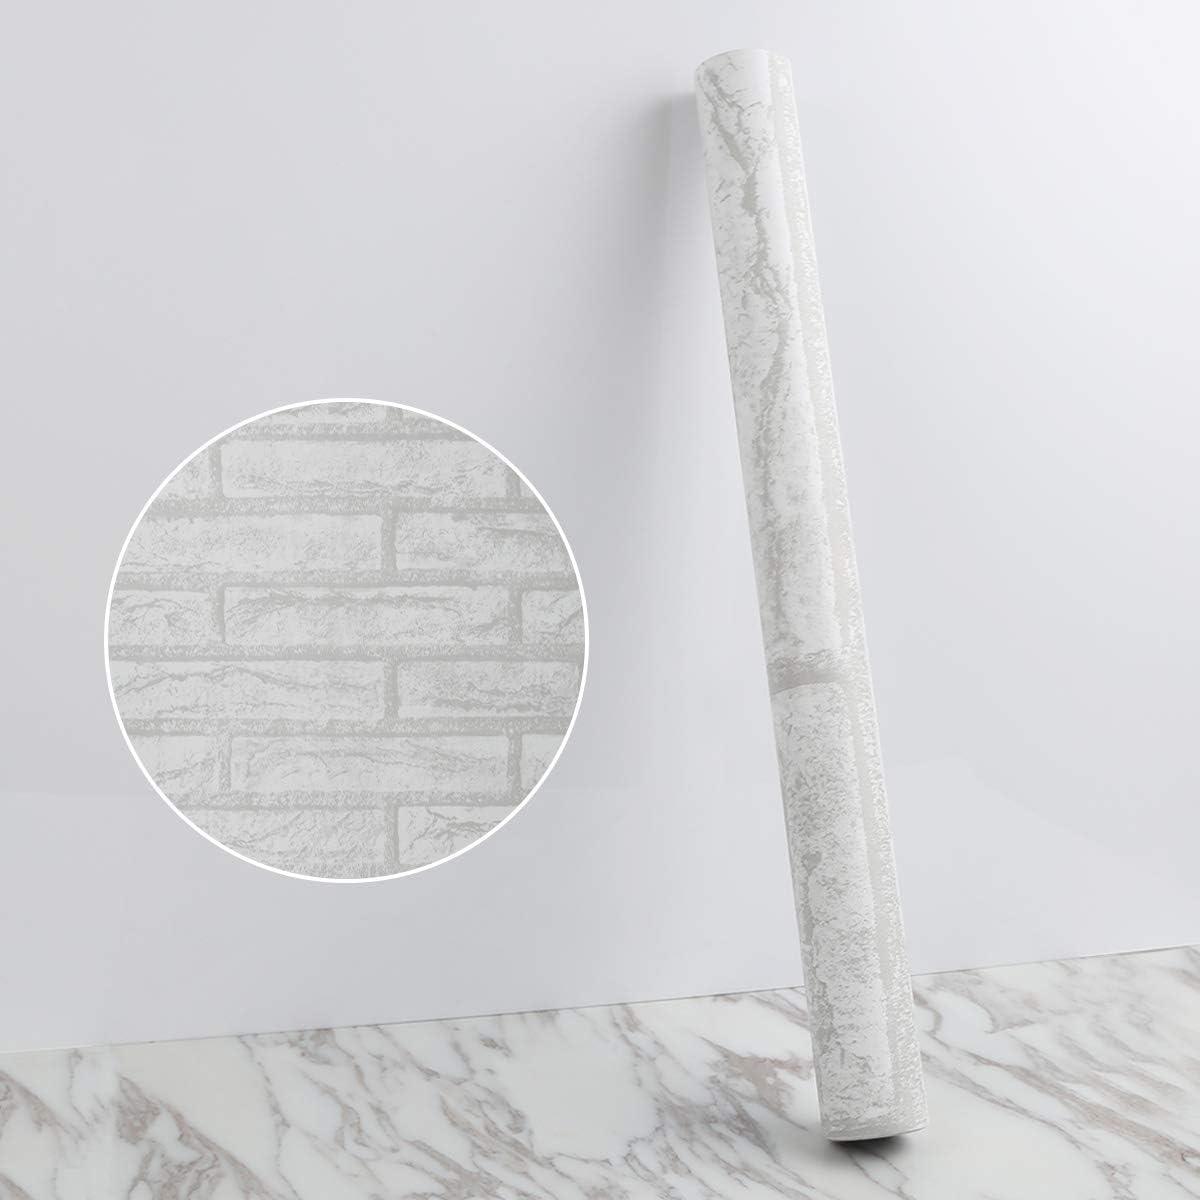 Papier Peint Gris Papier Peint Auto-Adh/ésif Vintage Brick Peel and Stick Fond D/écran Papier de Contact Gris et Blanc Papier Peint Amovible Pour Salon Chambre et Cuisine 44 1000 cm